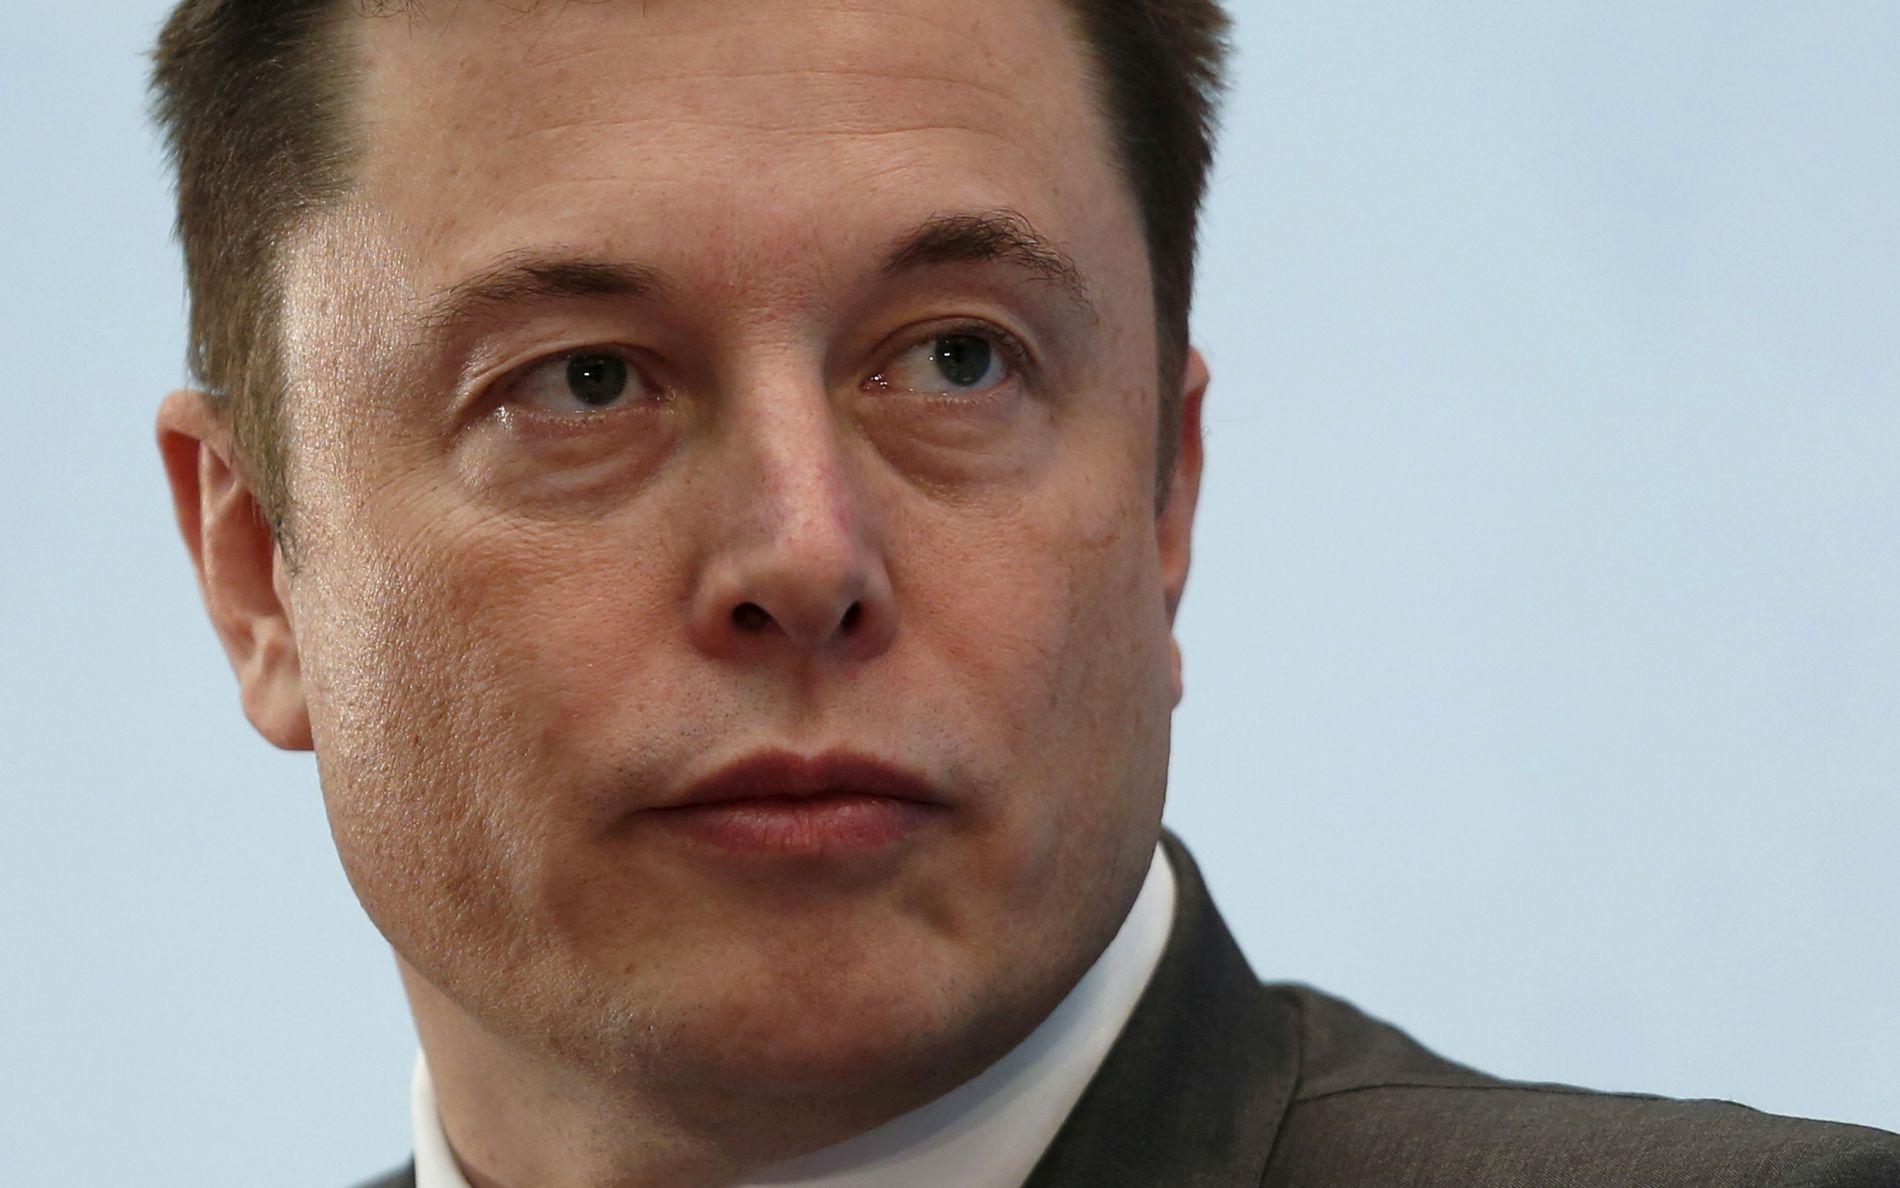 SAKSØKT: Dykkeren mener Elon Musk, her avbildet i januar 2016, har ærekrenket ham med sine påstander.